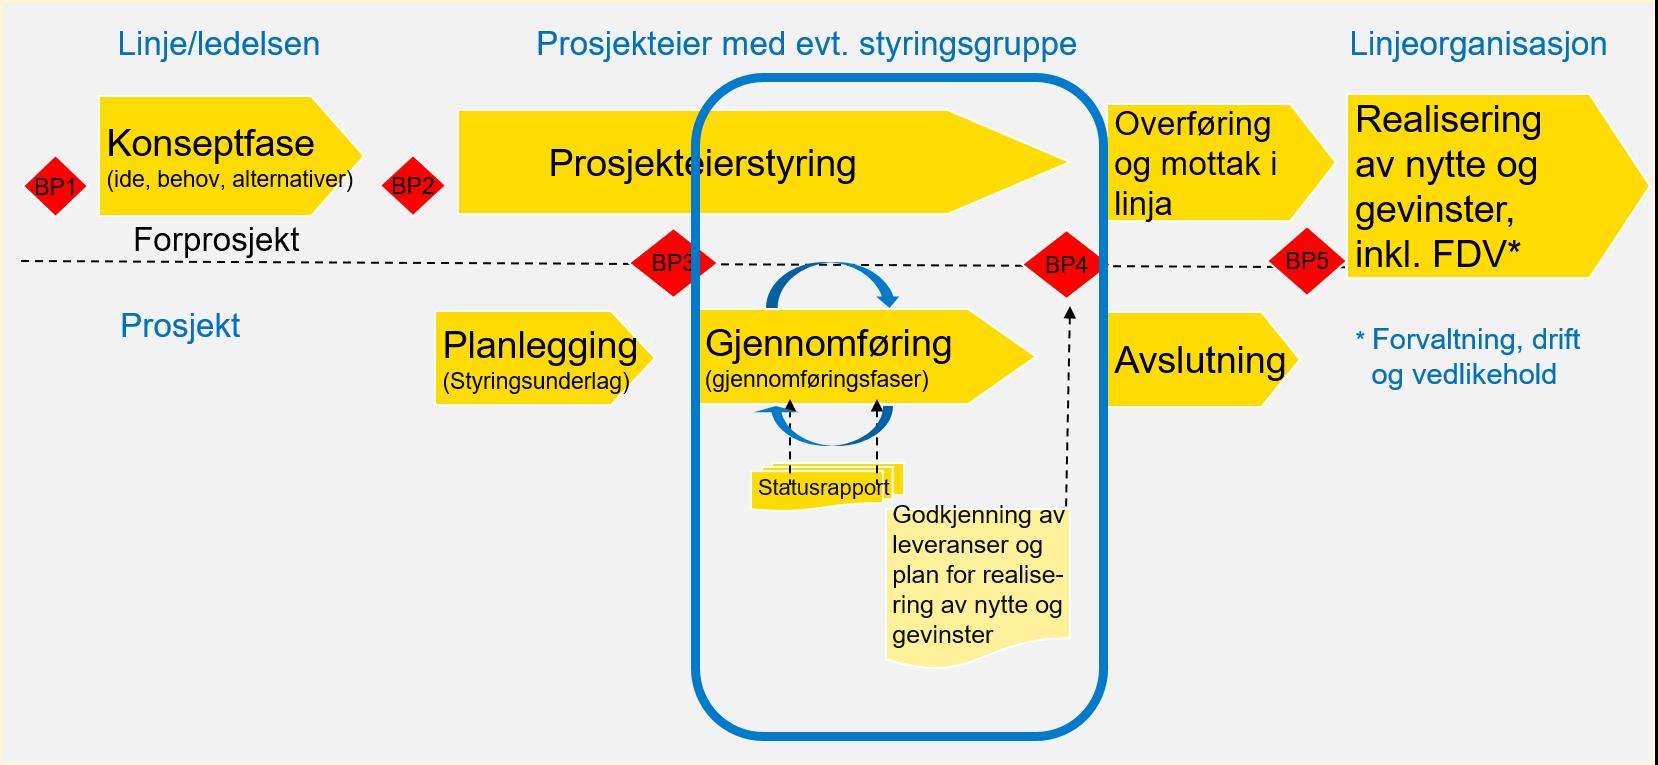 Bildet viser prosjektmodellen hvor gjennomføringsfasen(e) er uthevet. Gjennomføringsfasen leder frem til beslutningspunkt 4 og godkjenning av leveranser.